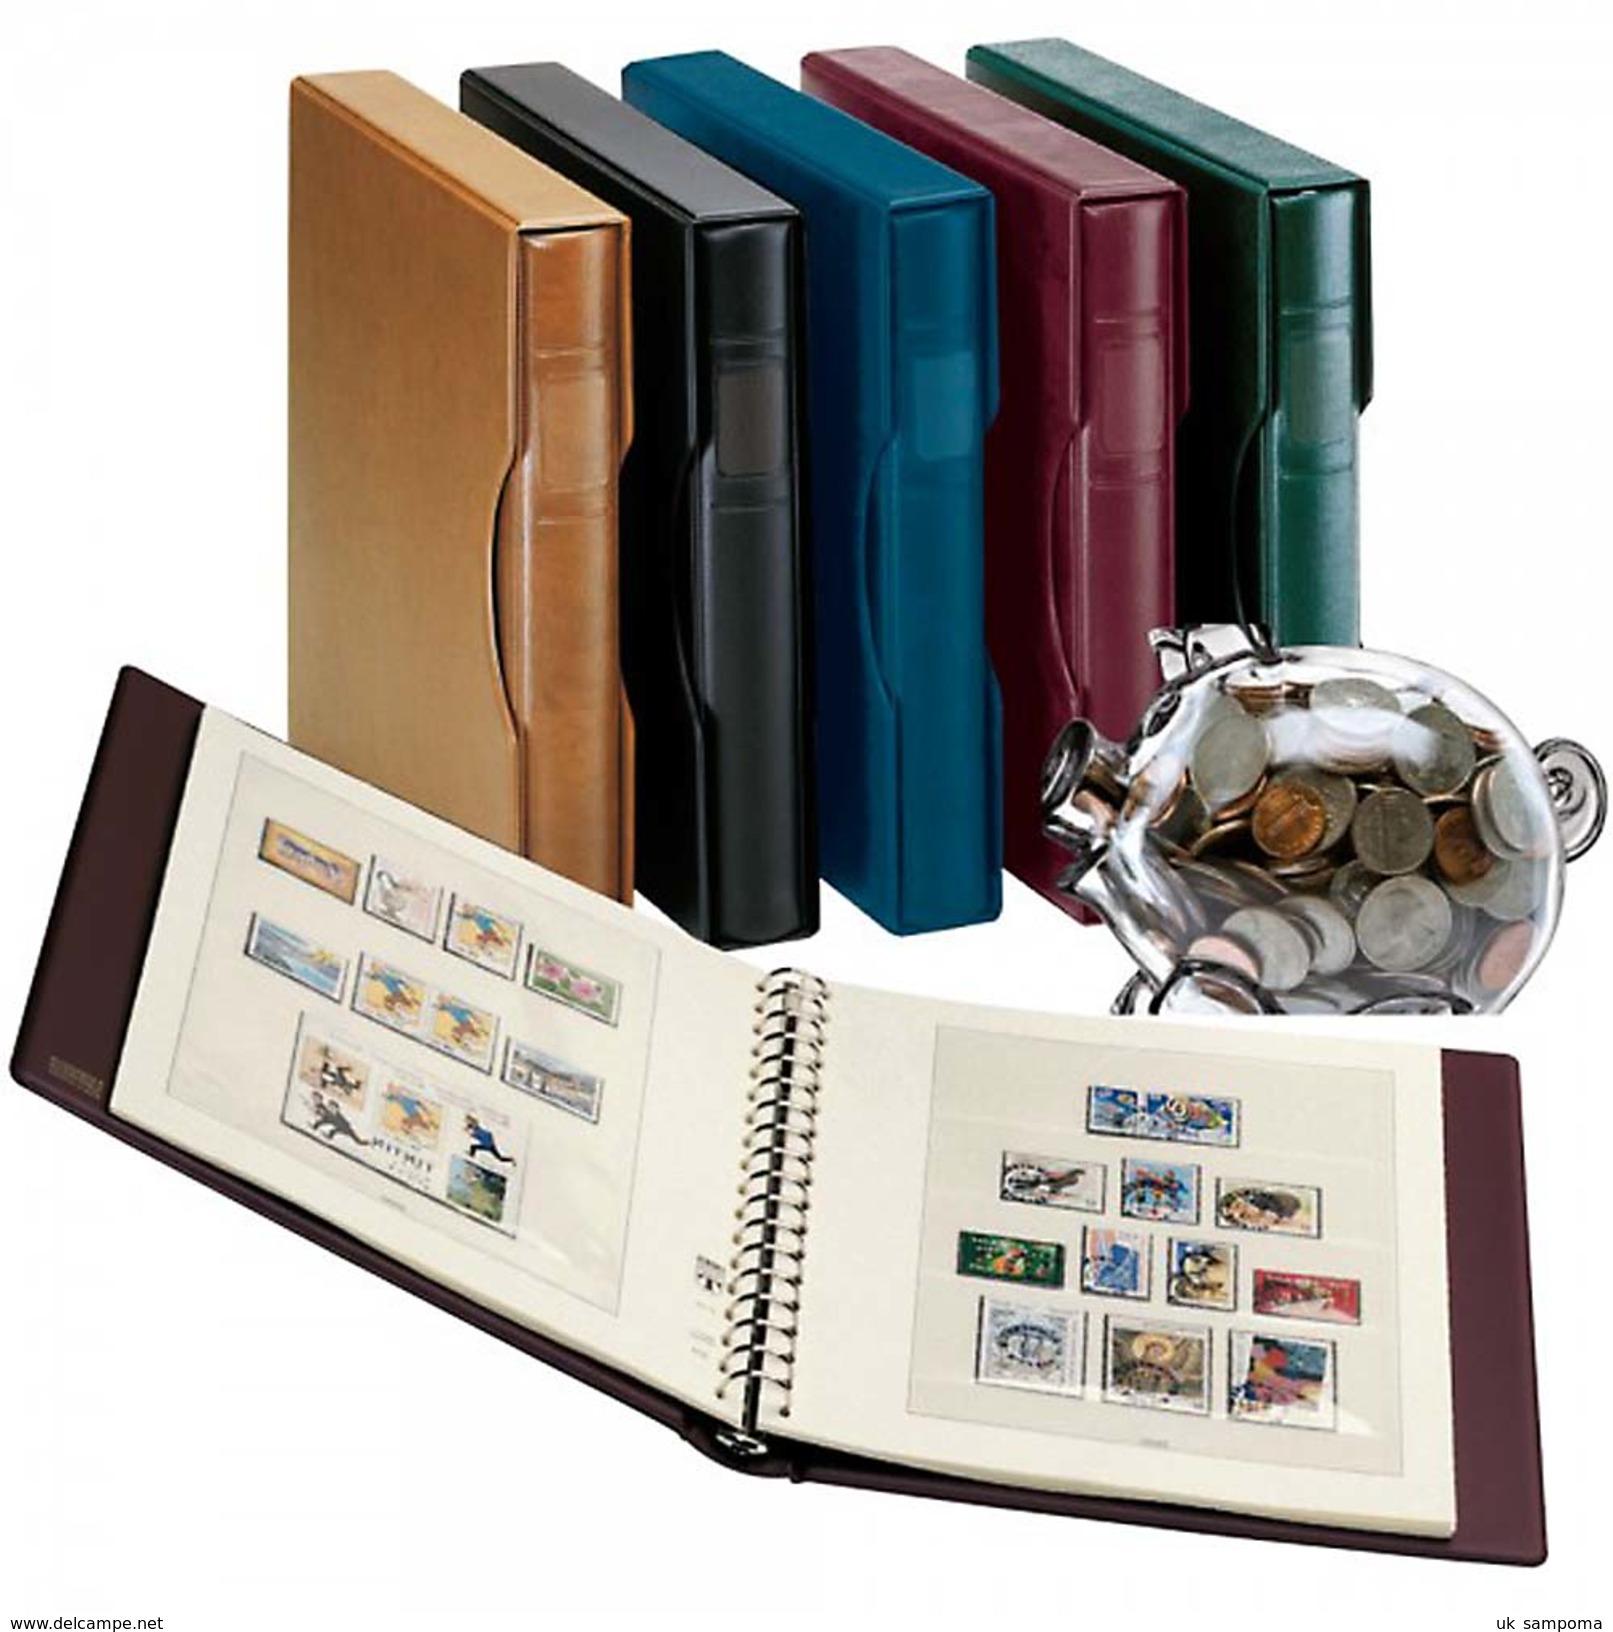 Lindner 121-1124V Germany Complete Offer East Germany GDR - Illustrated Album Pages Year 1949-1990, Incl. Ring Binder Se - Albums & Binders